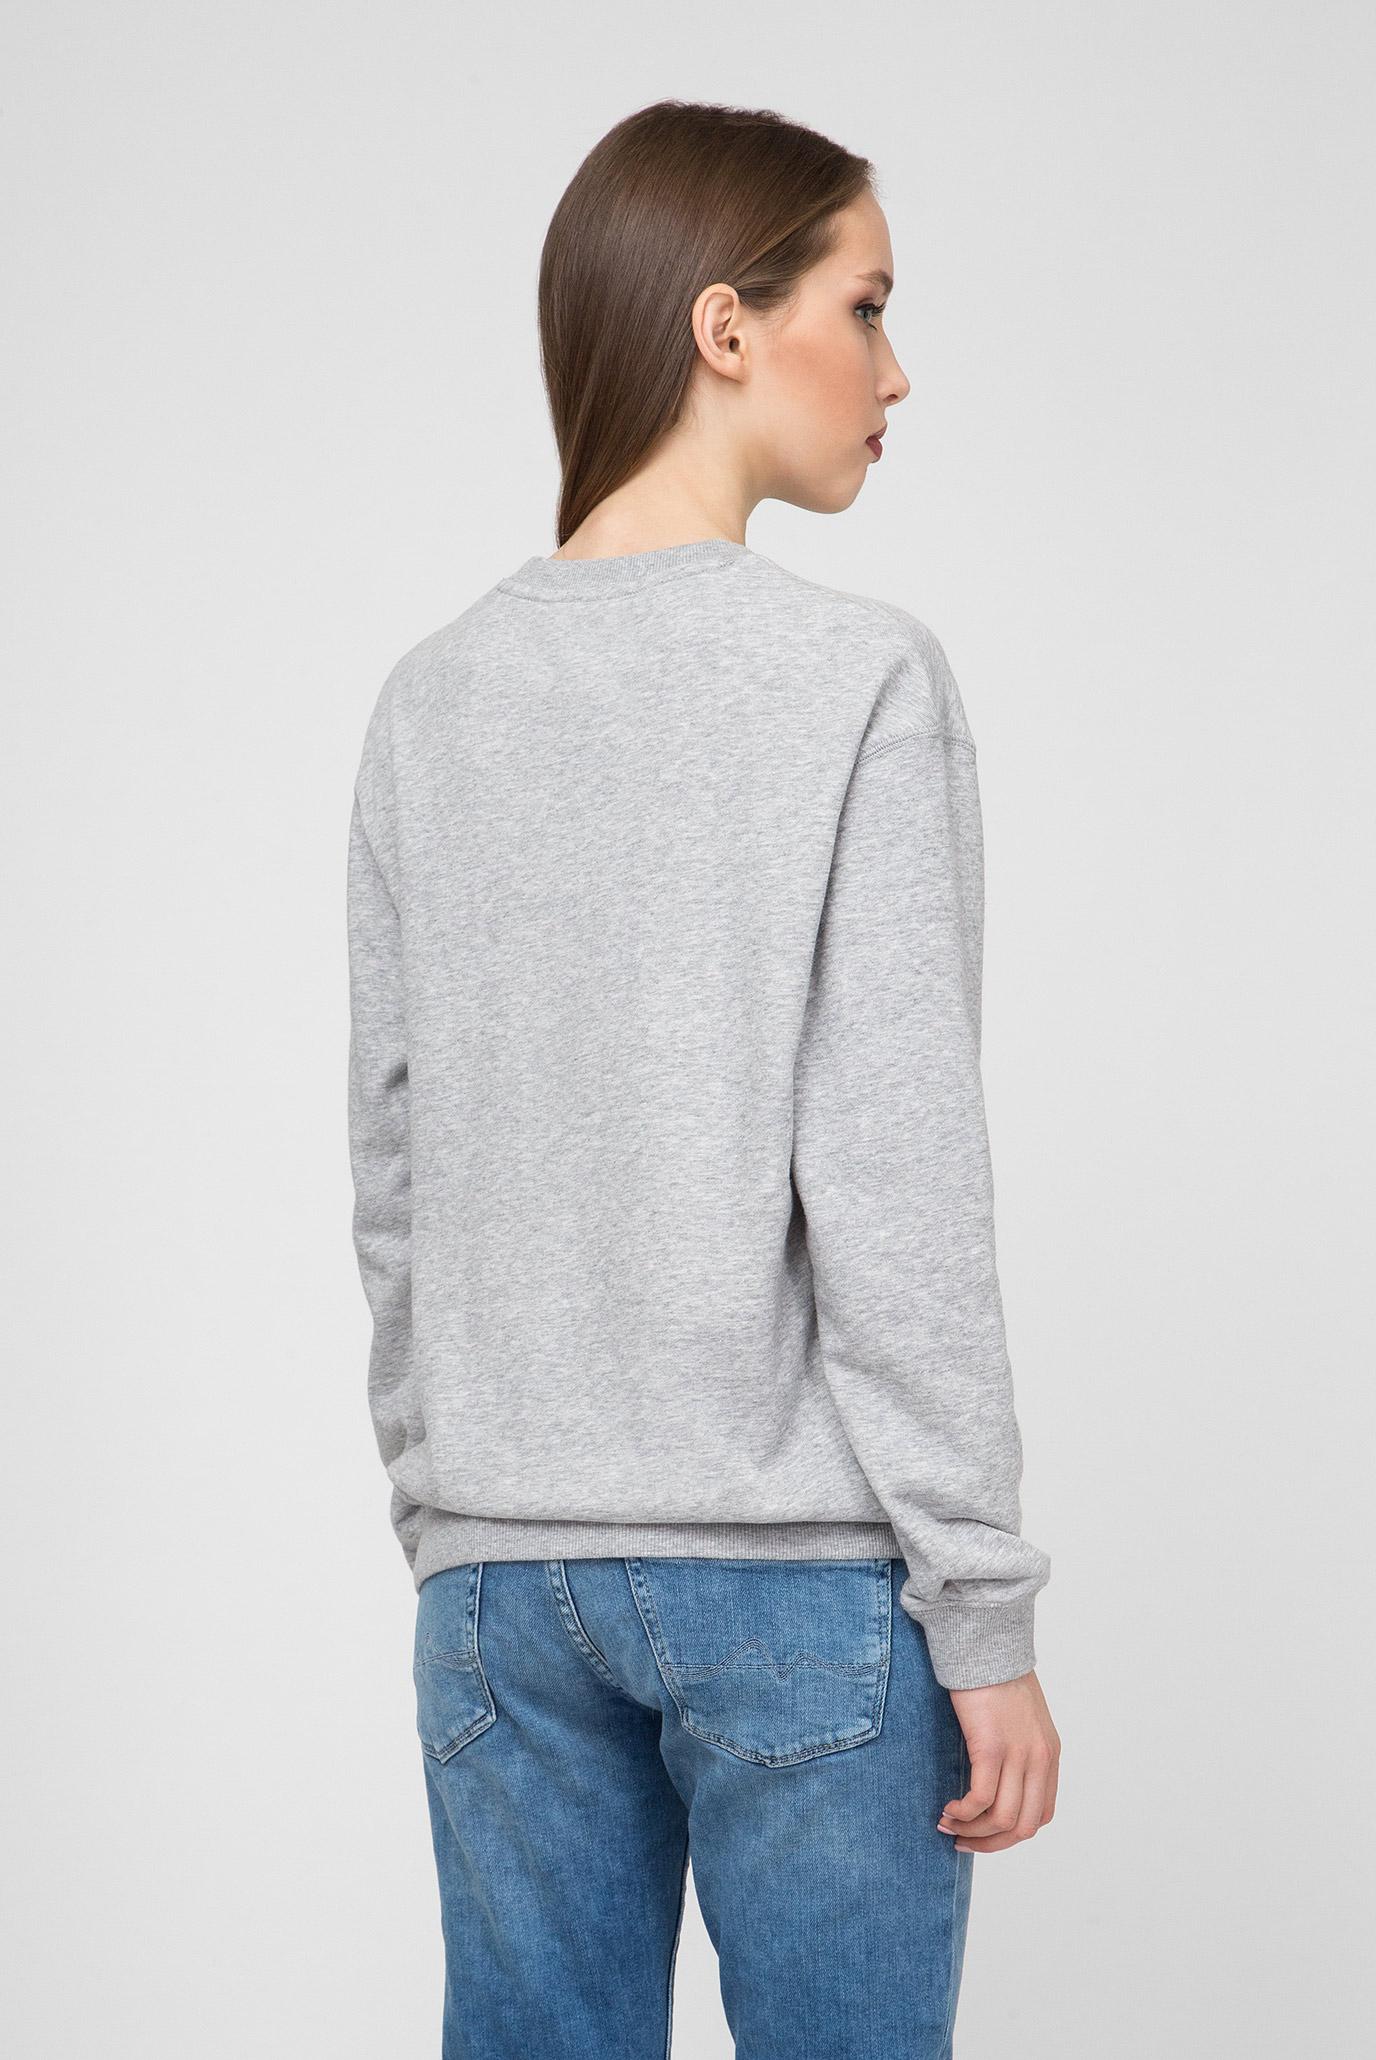 Купить Женский серый свитшот POPPY Pepe Jeans Pepe Jeans PL580832 – Киев, Украина. Цены в интернет магазине MD Fashion